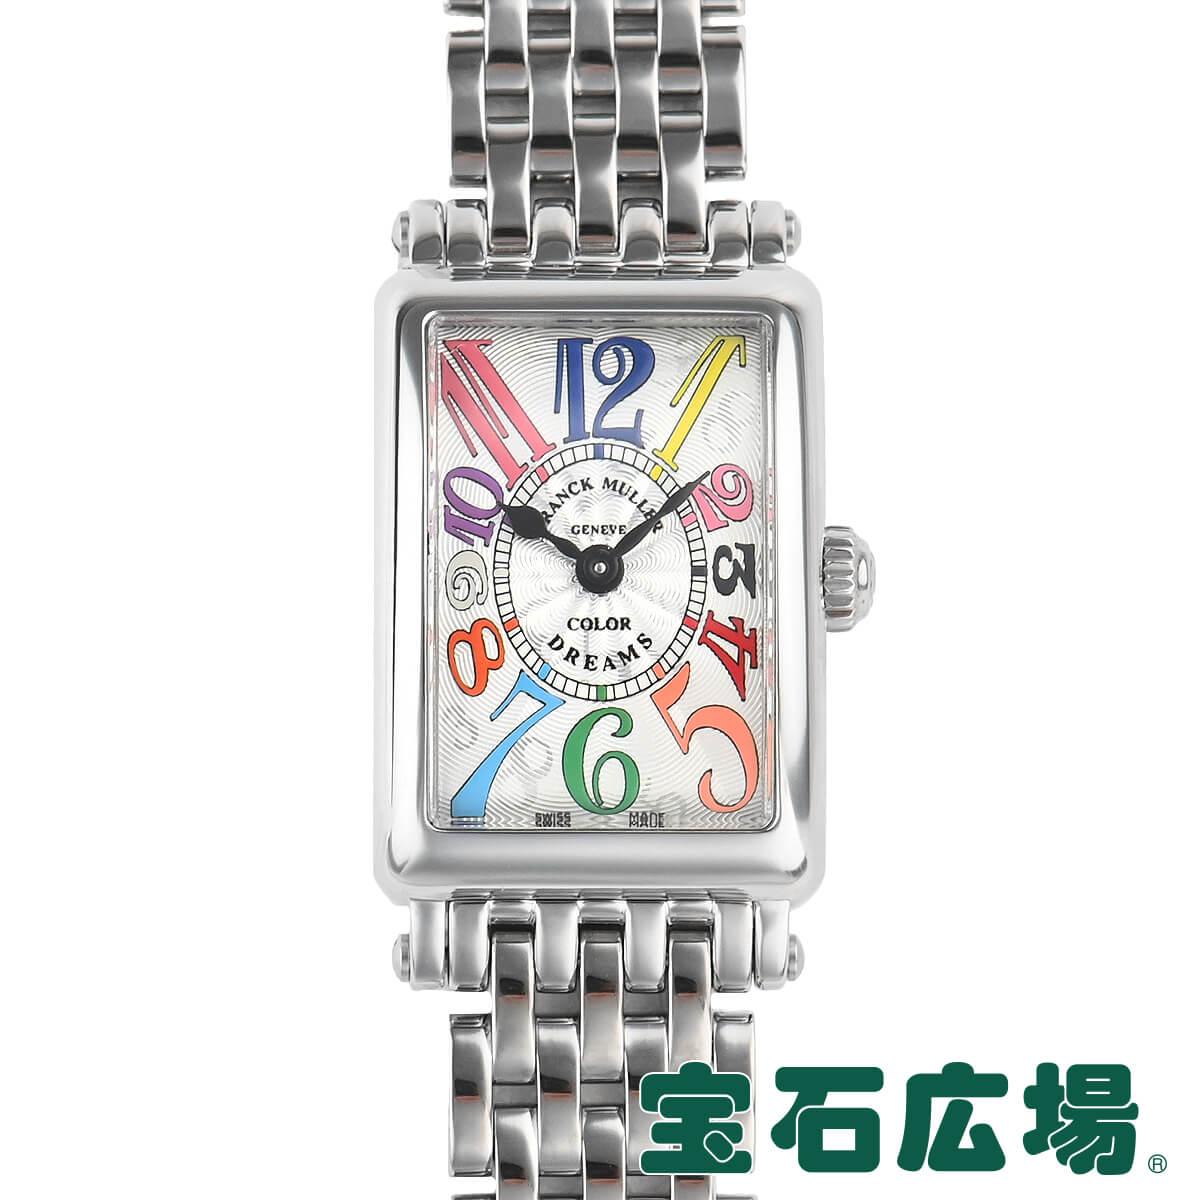 フランク ミュラー ロングアイランドプティ カラードリーム 802QZ 代引き不可 COL DRM 腕時計 新品 FRANCK レディース 送料無料 MULLER フランクミュラー オープニング 大放出セール